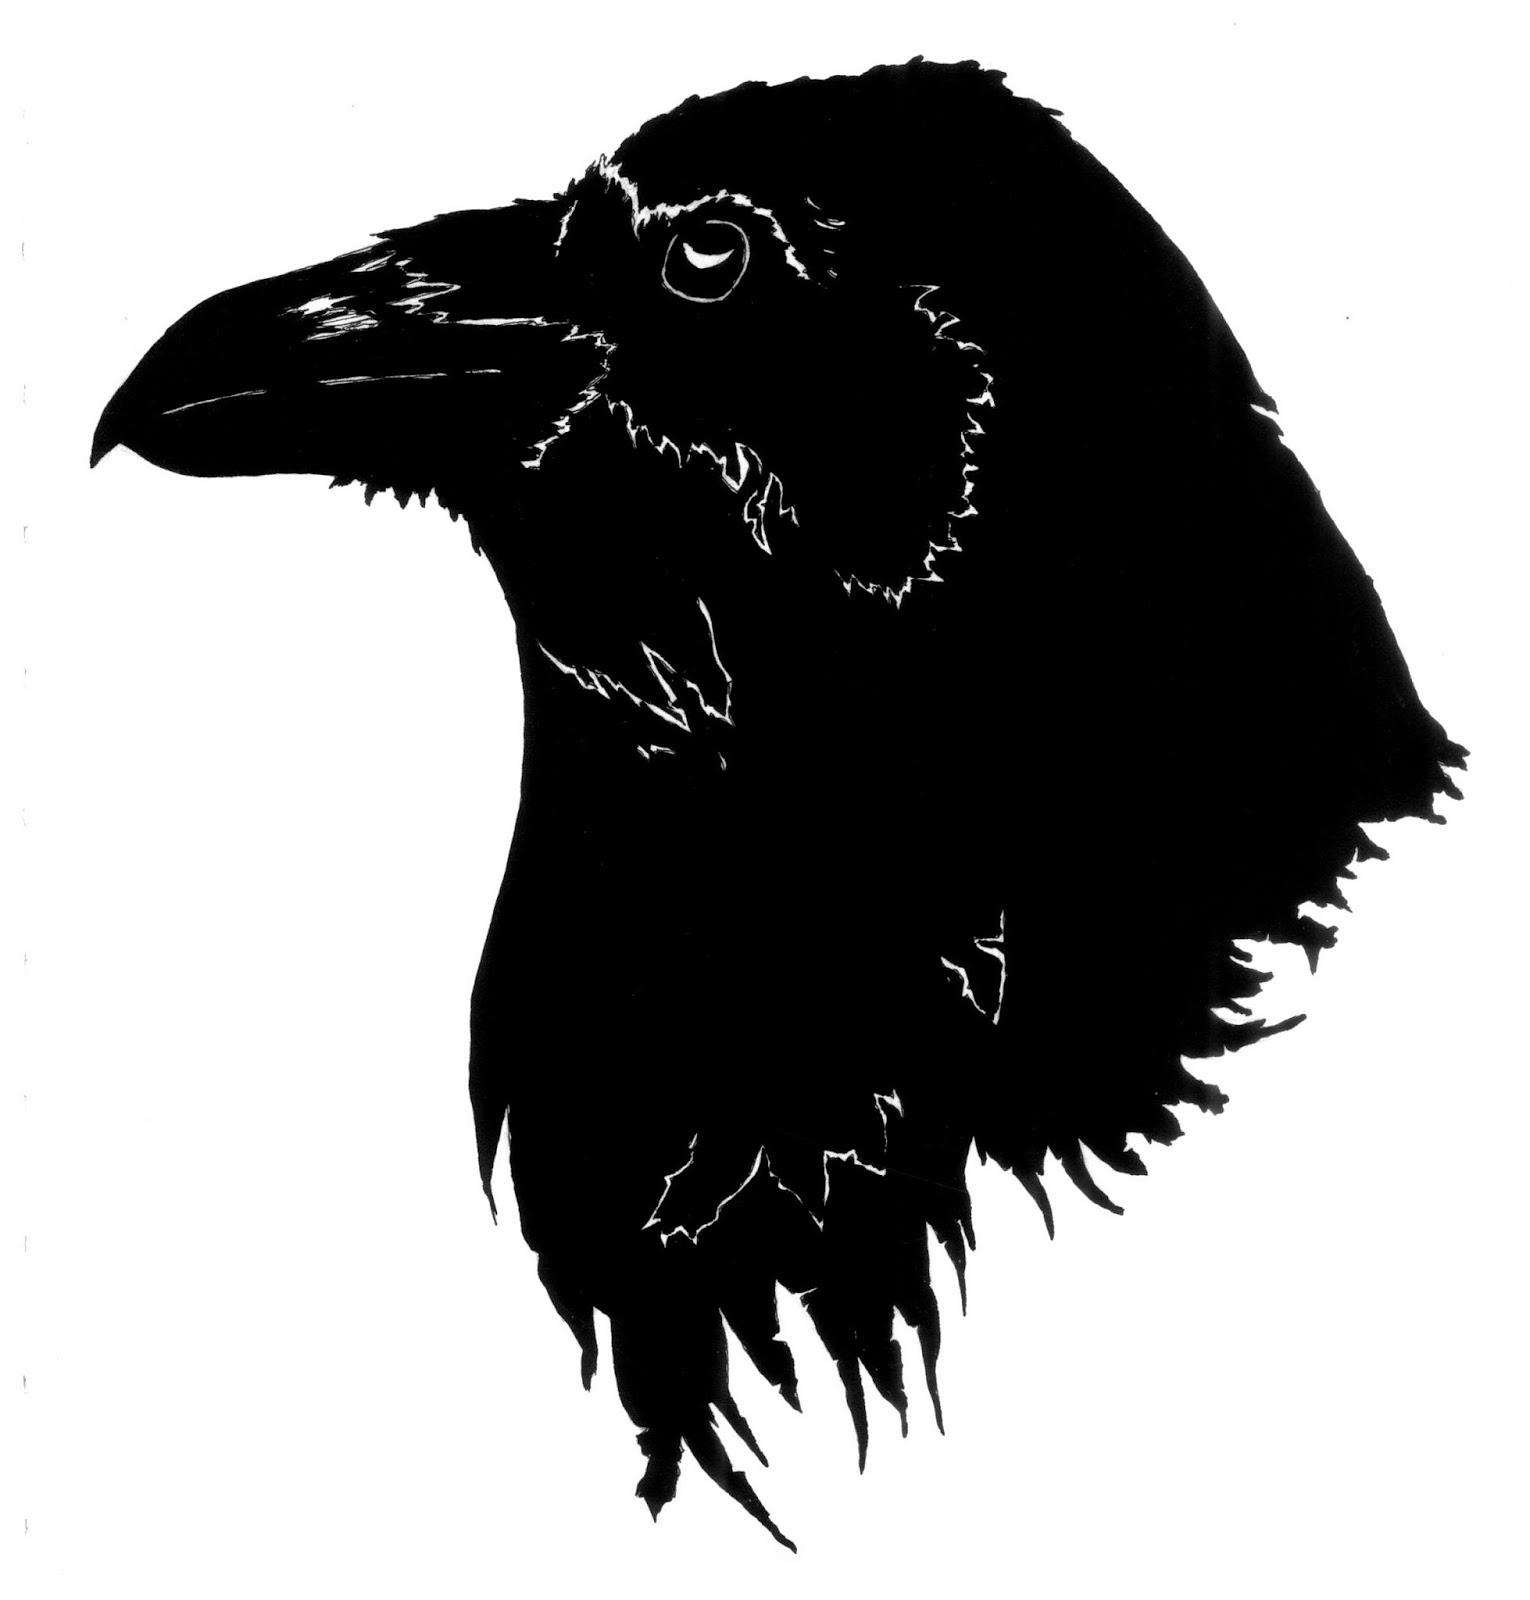 Tempest Scribbles: Edgar Allan Poe Illustrations